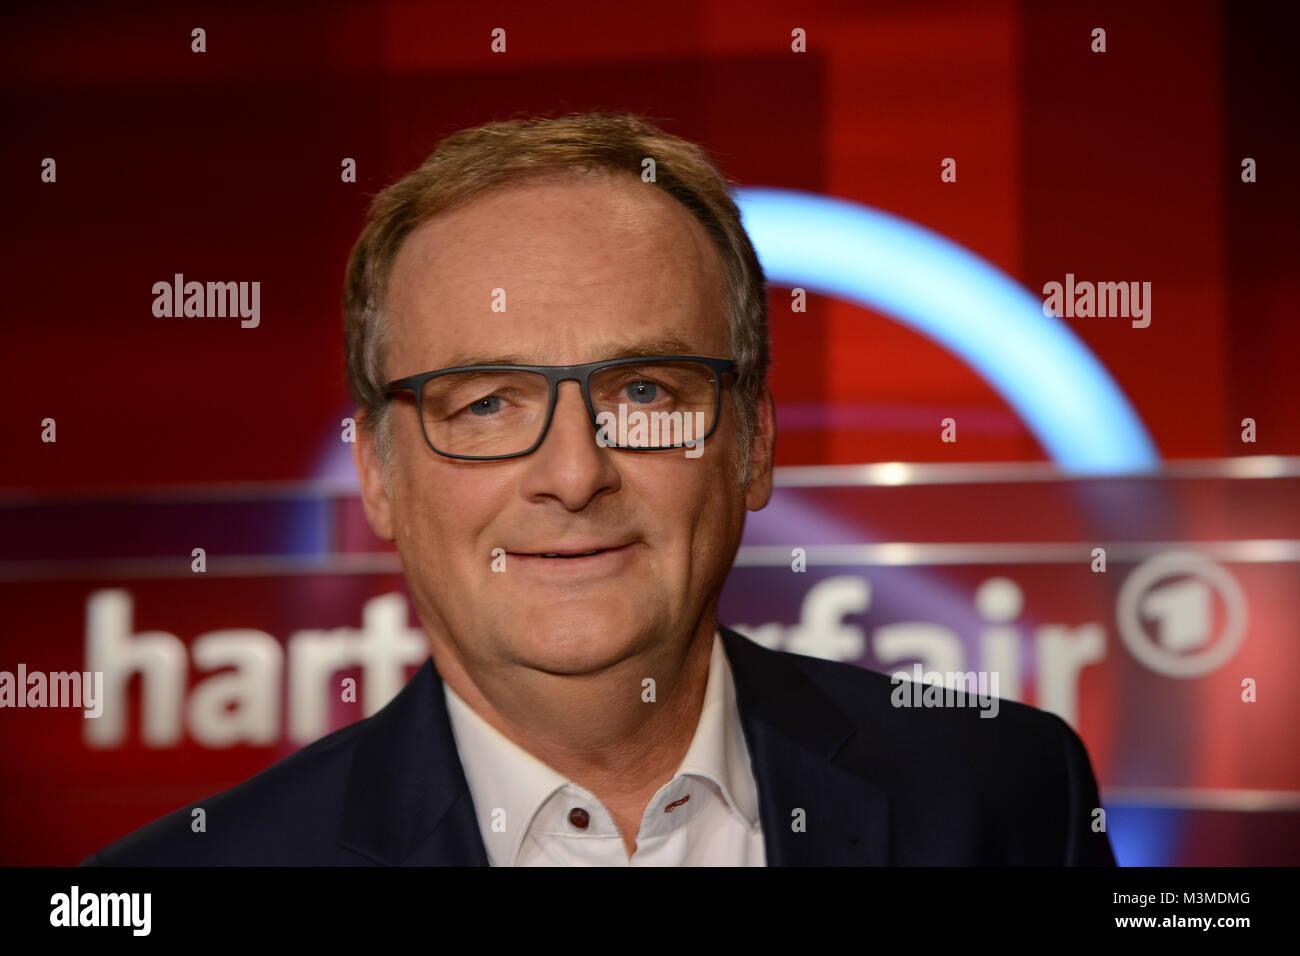 Frank Plasberg der Moderator im PortrŠt in seiner wšchentlichen ARD Talkshow Hart aber Fair zum Thema Trump und - Stock Image